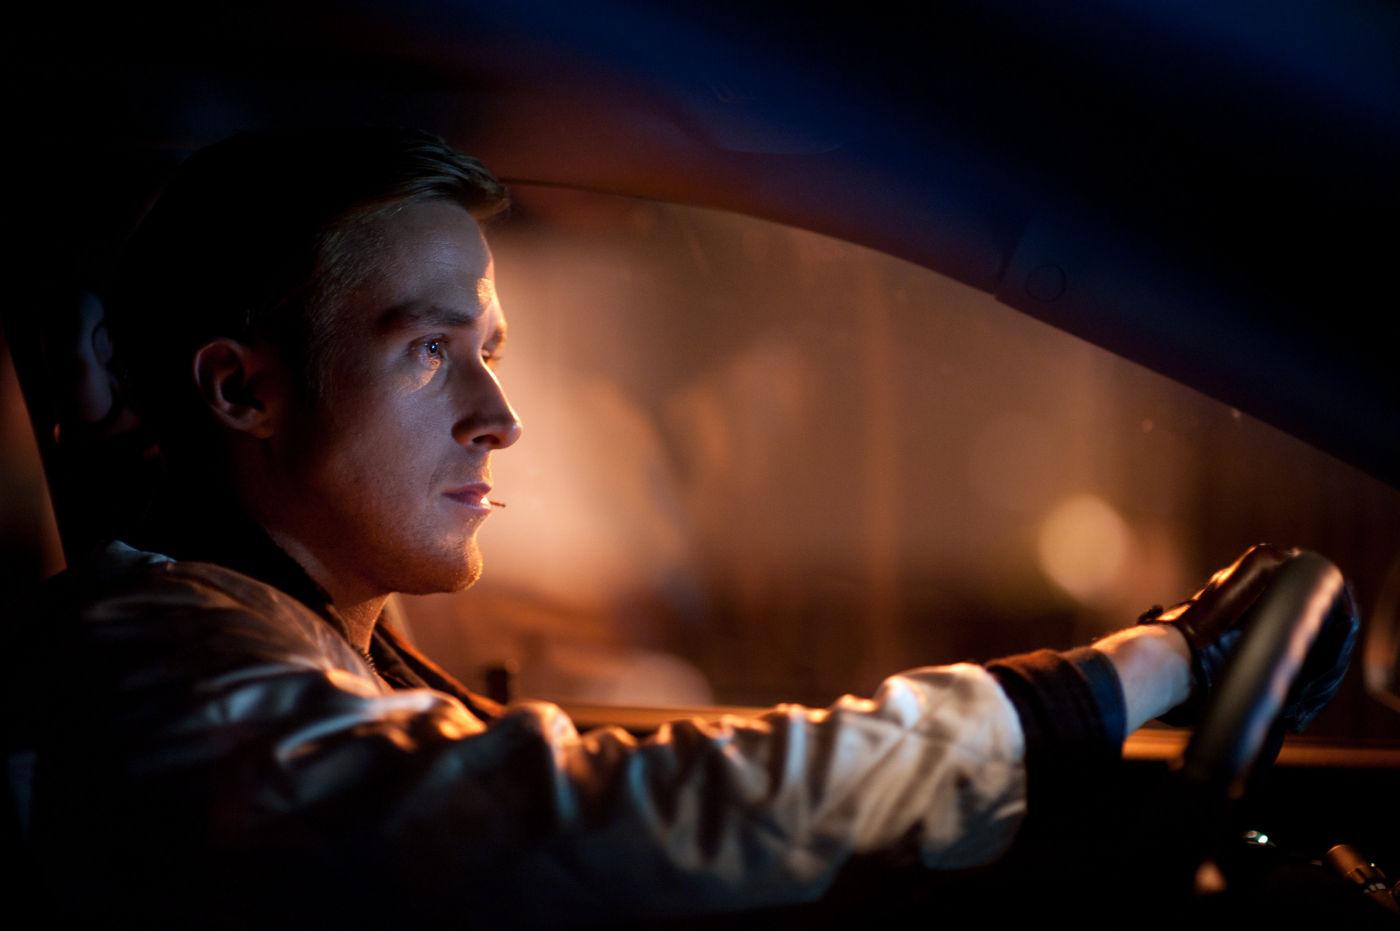 Drive download soundtrack || Critics-softly gq